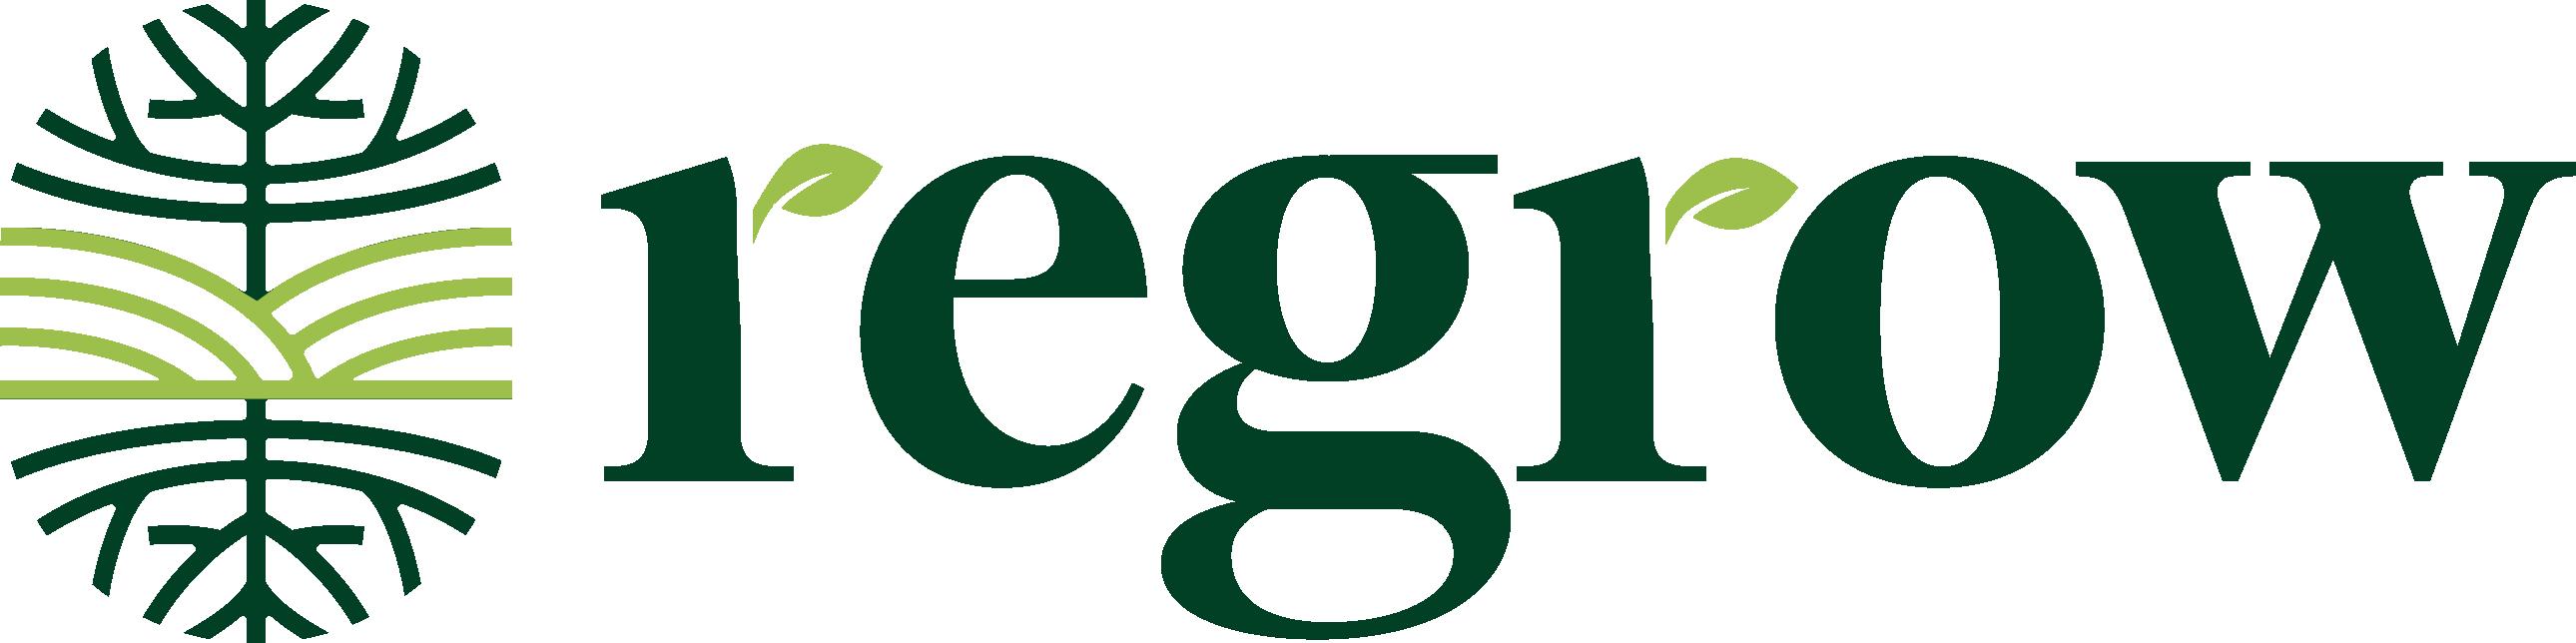 Image regrow logo